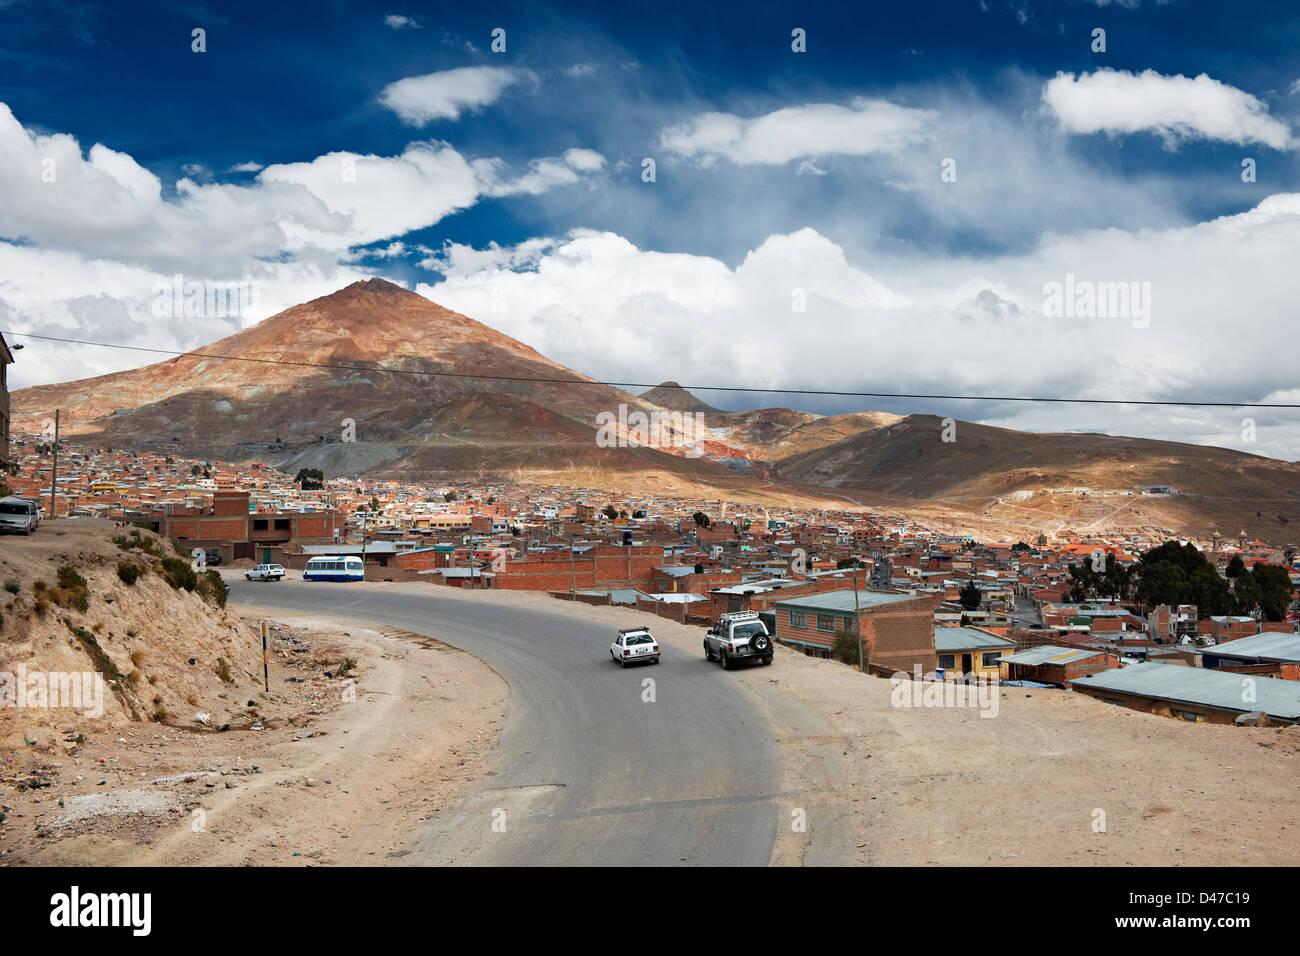 silver mountain Cerro Rico and city Potosi, Bolivia, South America - Stock Image